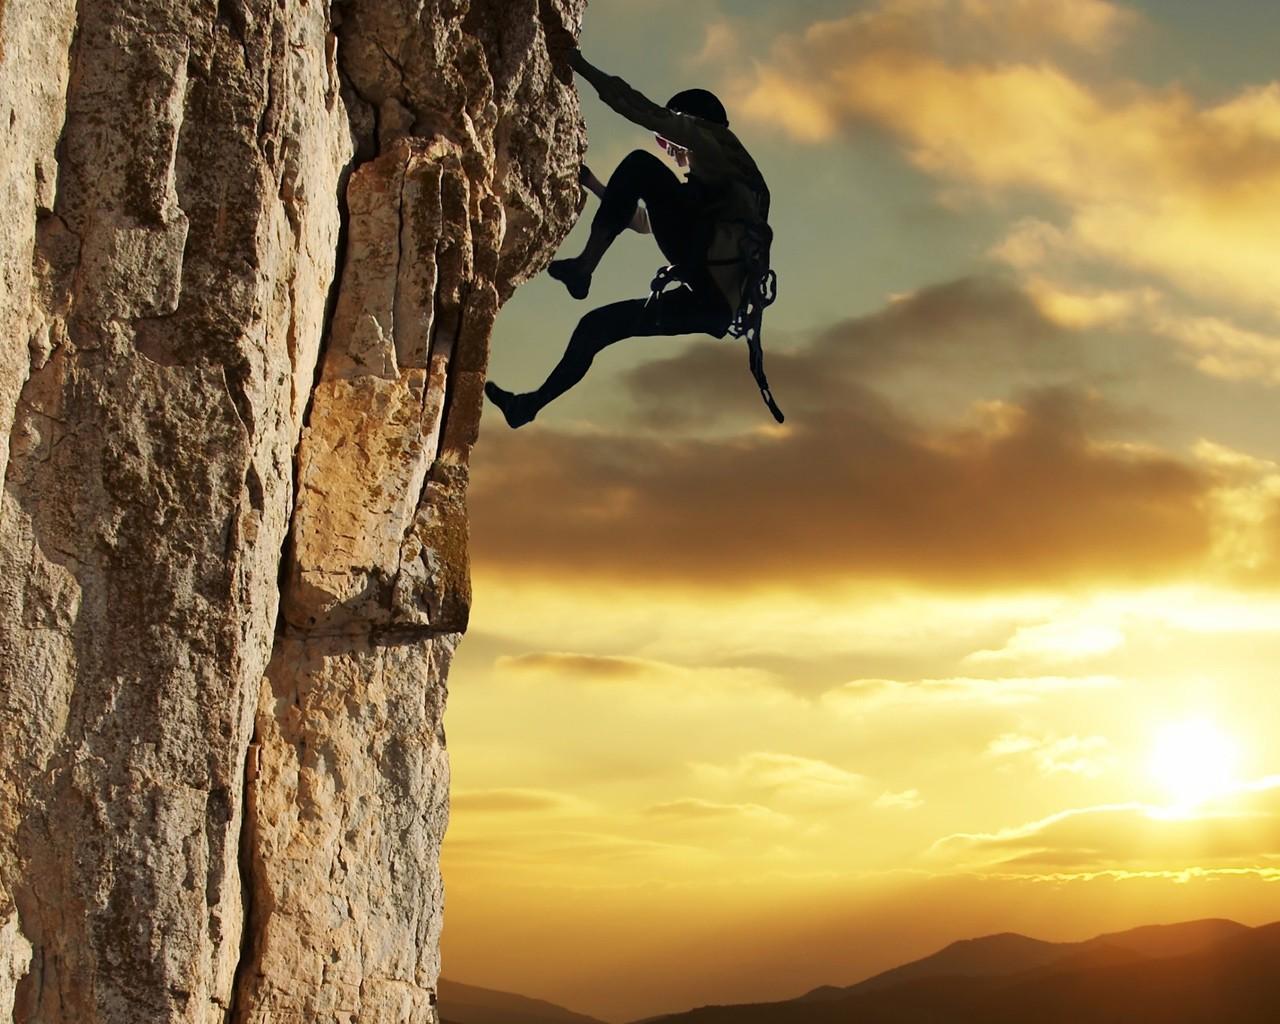 Альпинизм и скалолазание - что это такое и отличия